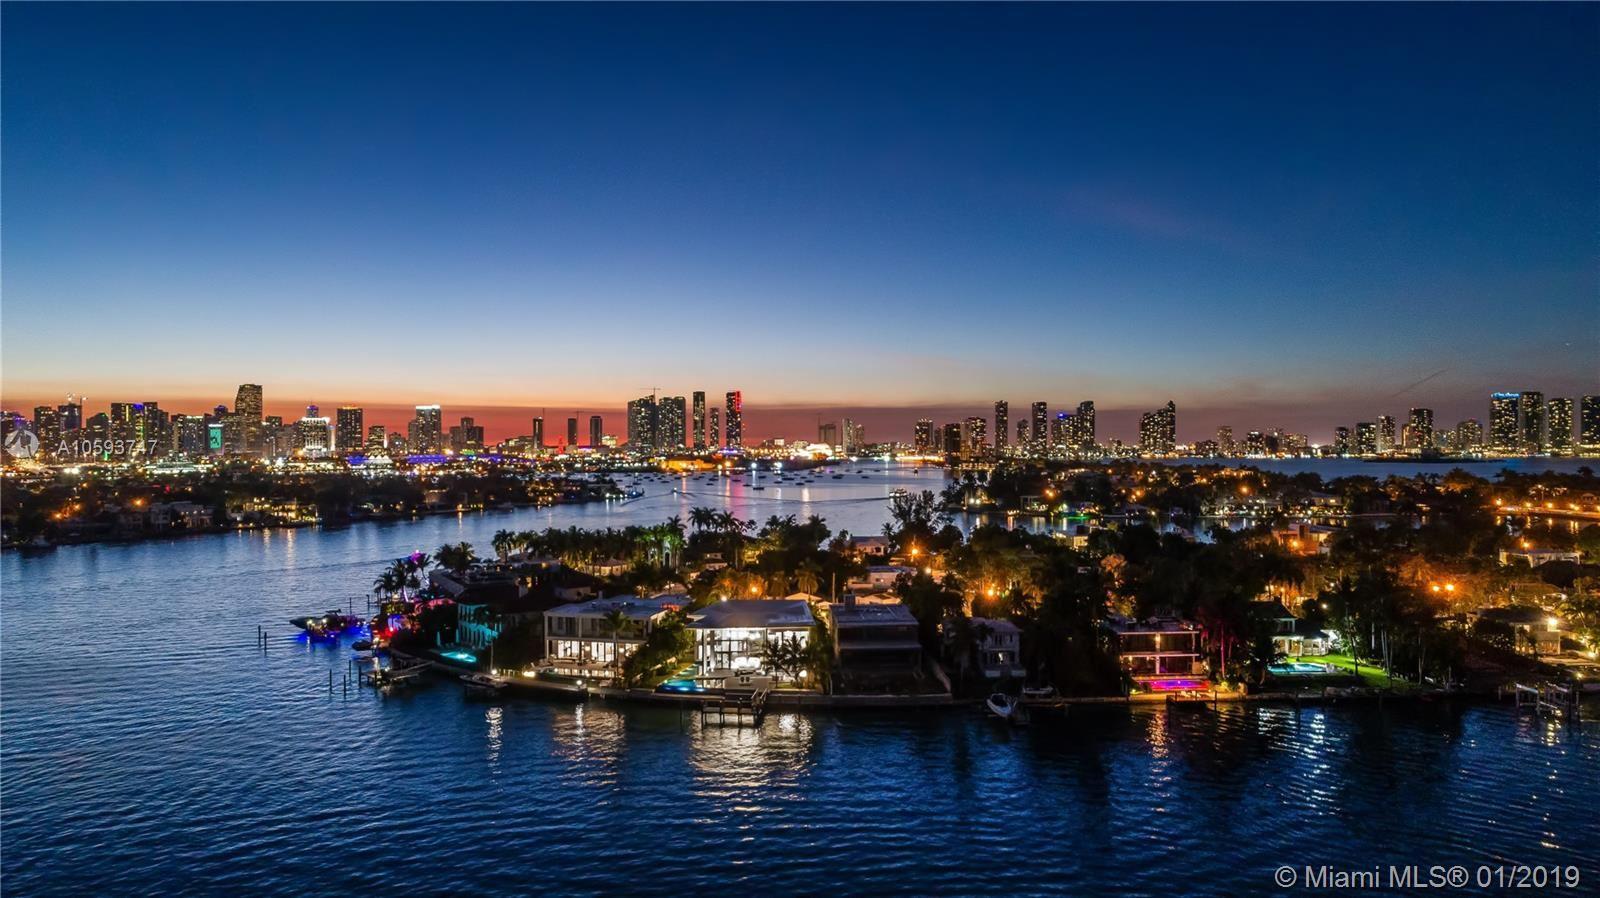 Photo 36 of Listing MLS a10593747 in 35 E Dilido Dr Miami Beach FL 33139